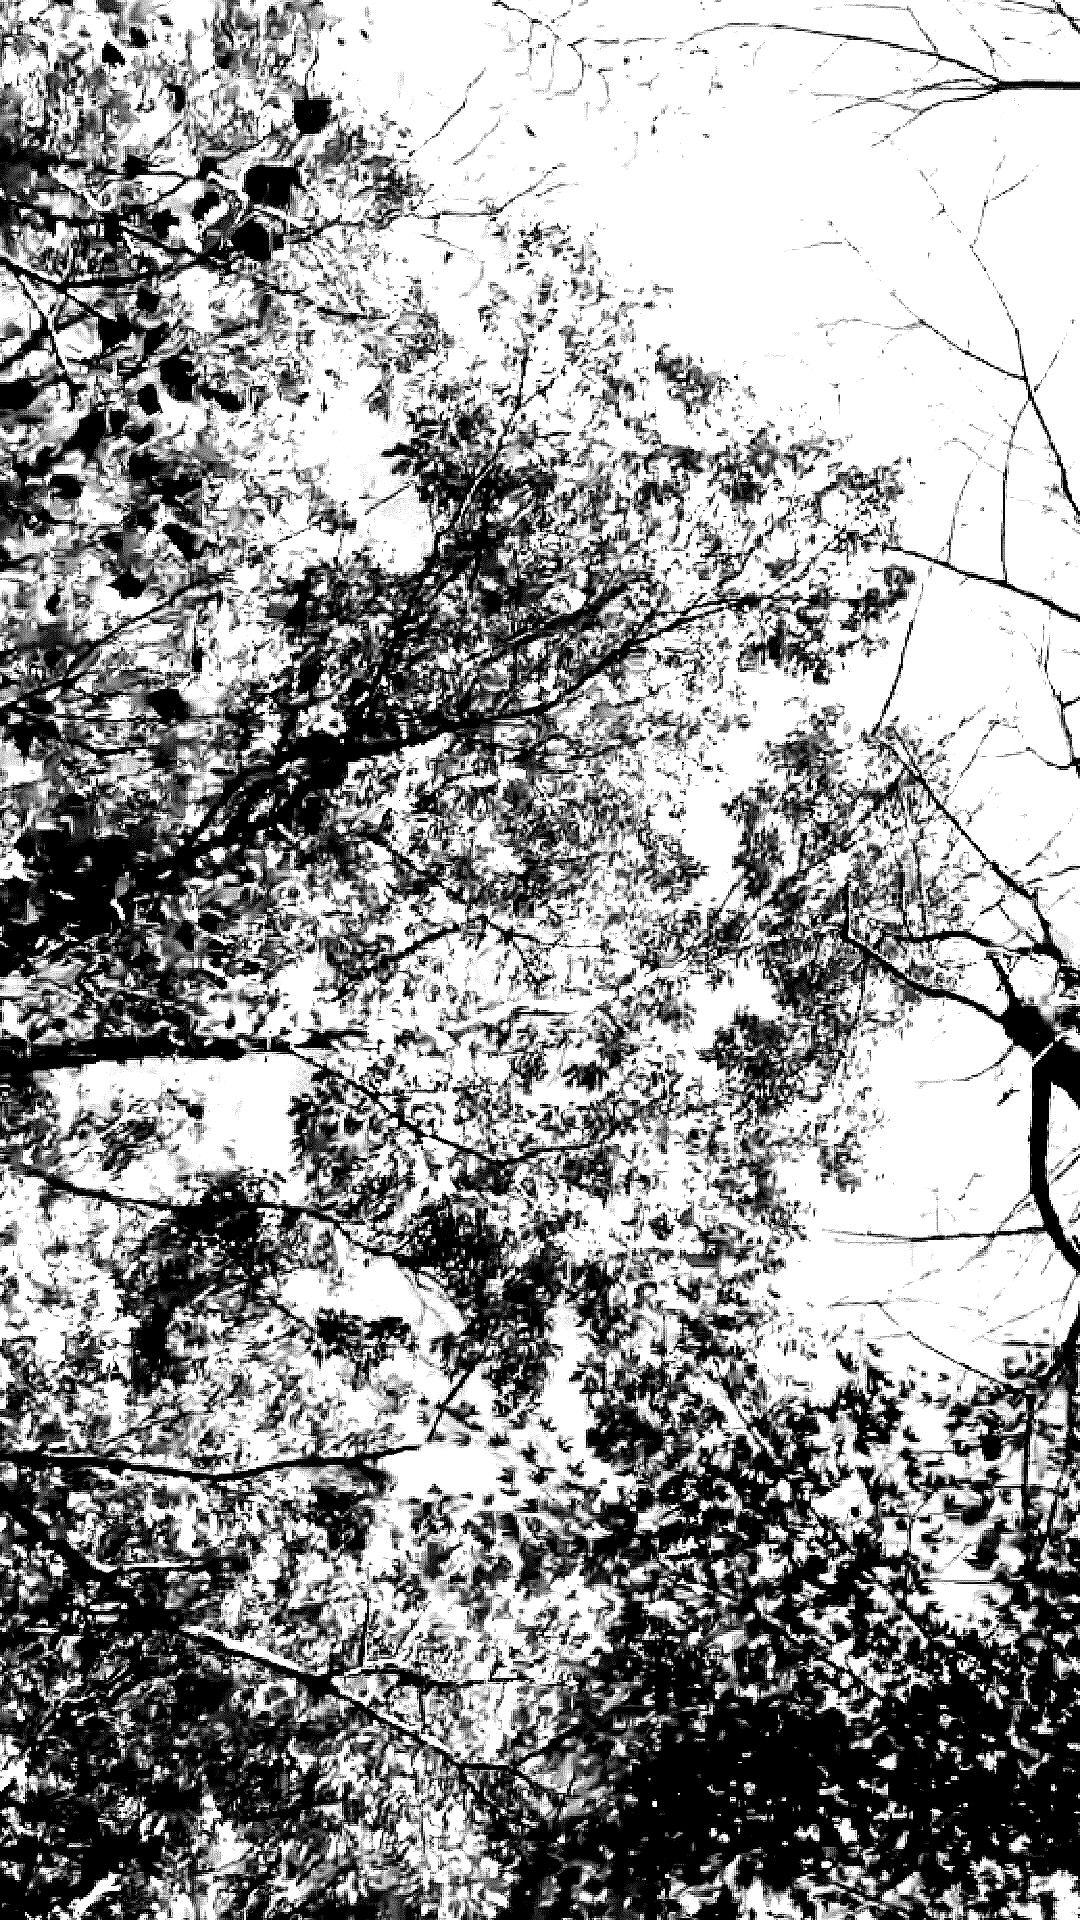 Hitam Putih Wallpapers - Wallpaper Cave